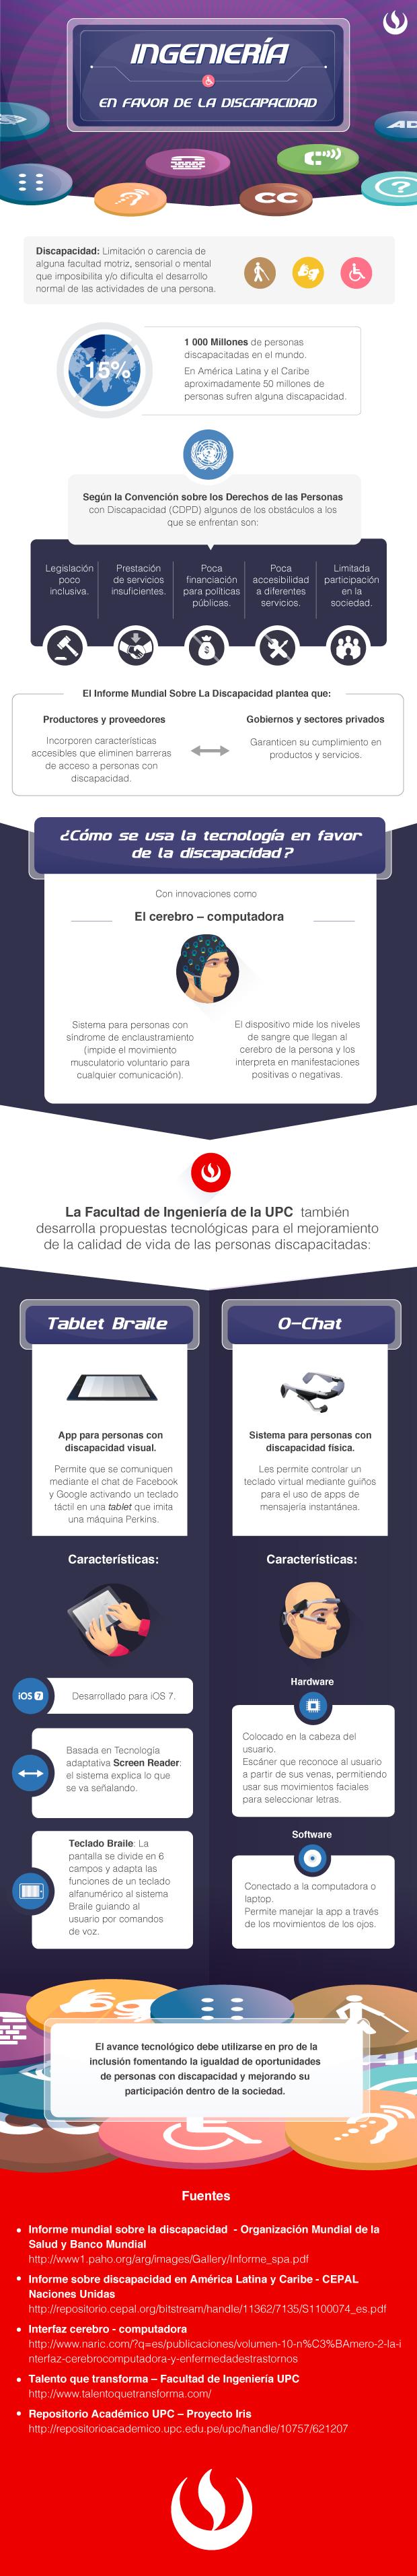 Infografía Ingeniería en Favor de la Discapacidad.